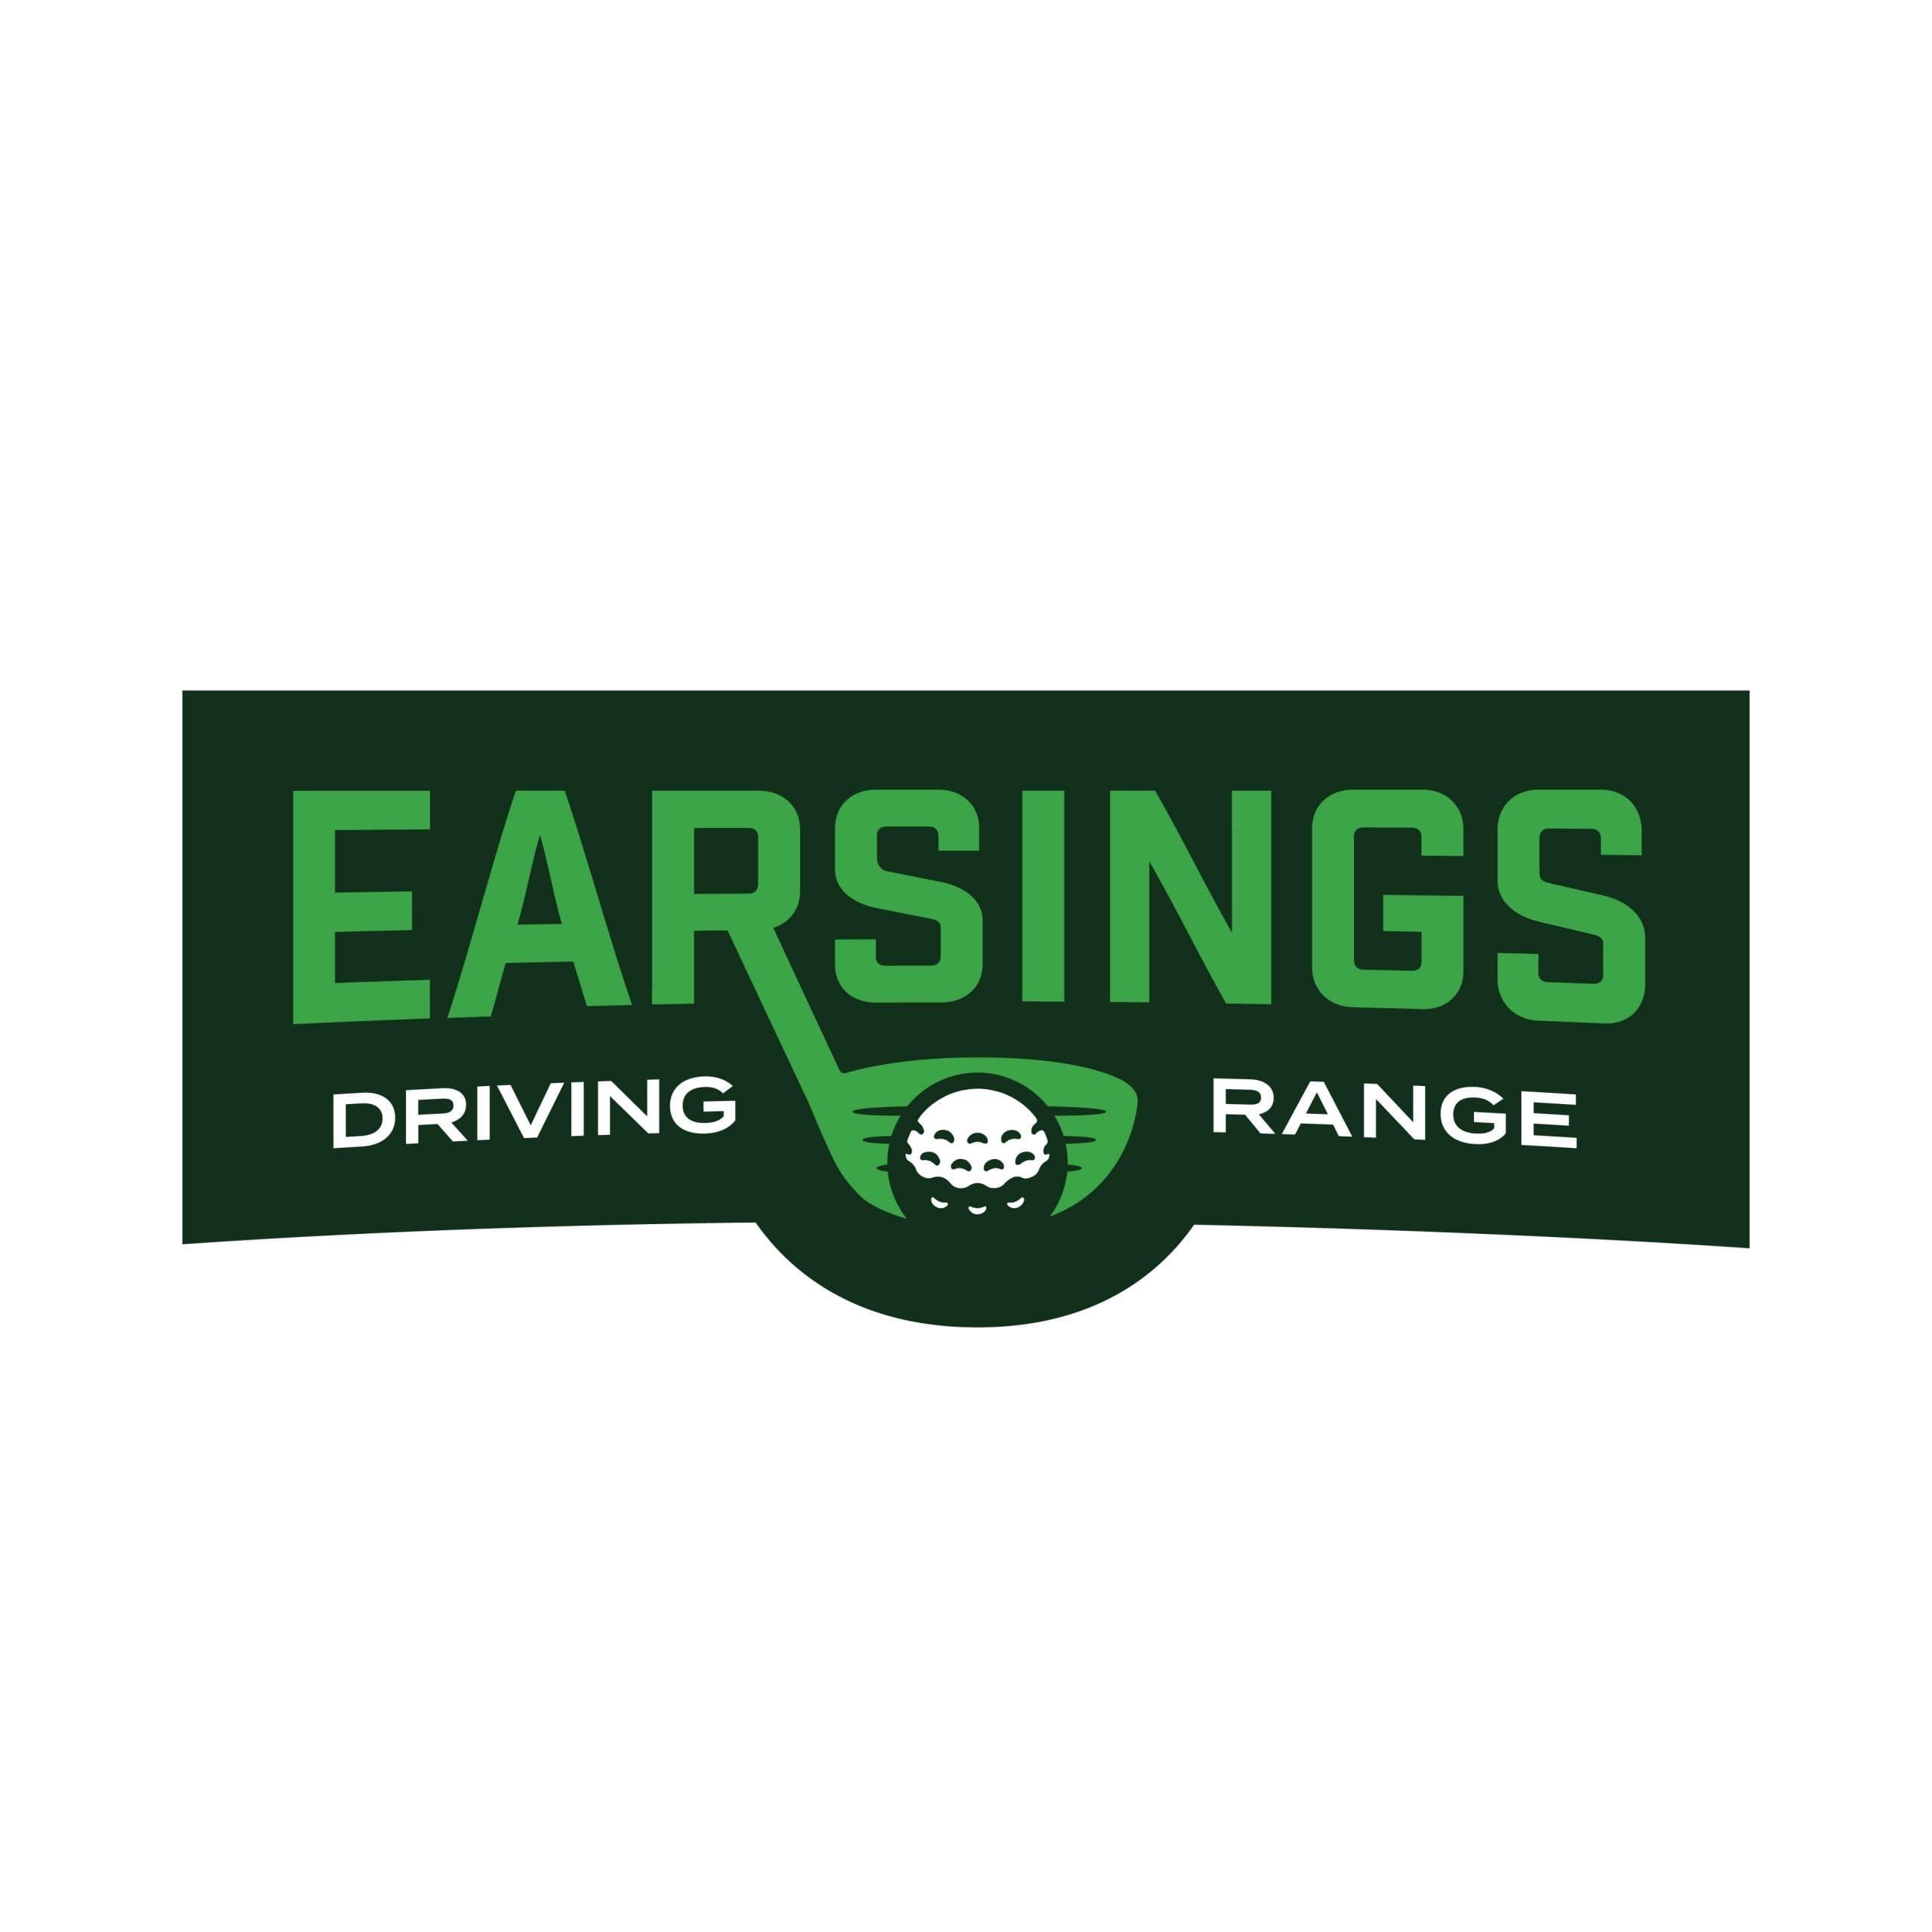 Earsings Driving Range Logo Design